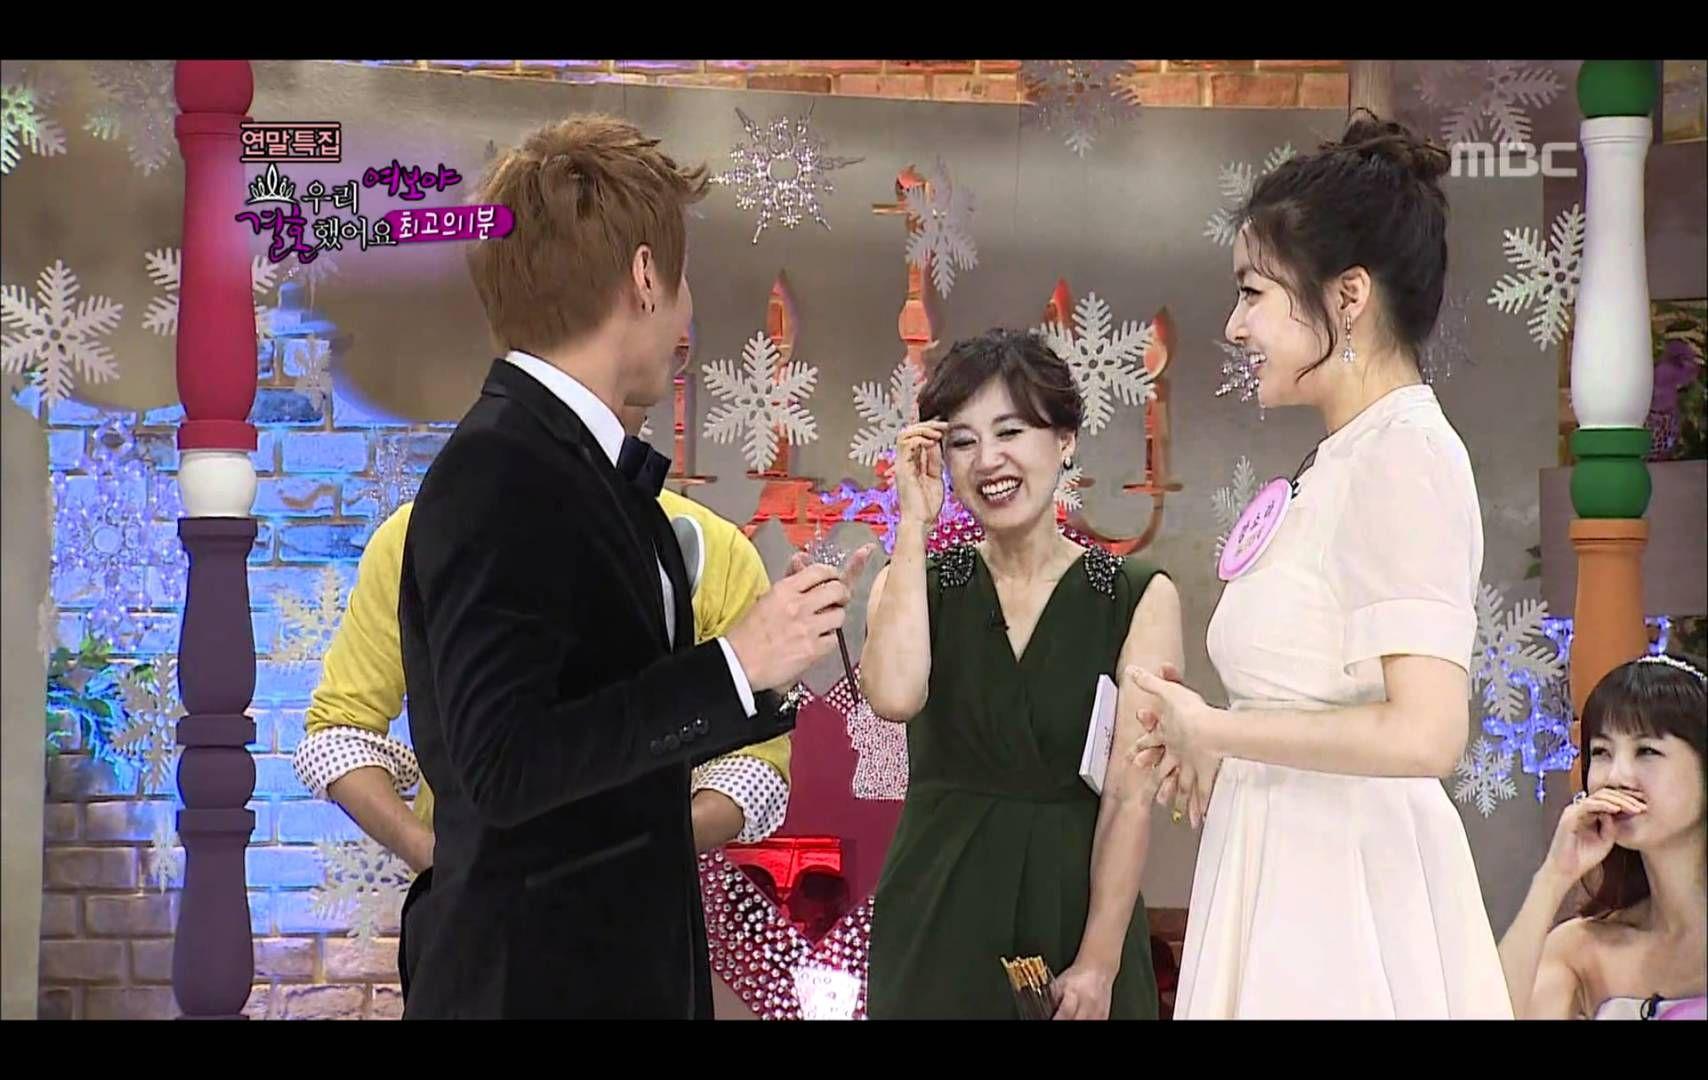 우리 결혼했어요 - We got Married, Year-End Special(1) #04, 20111224